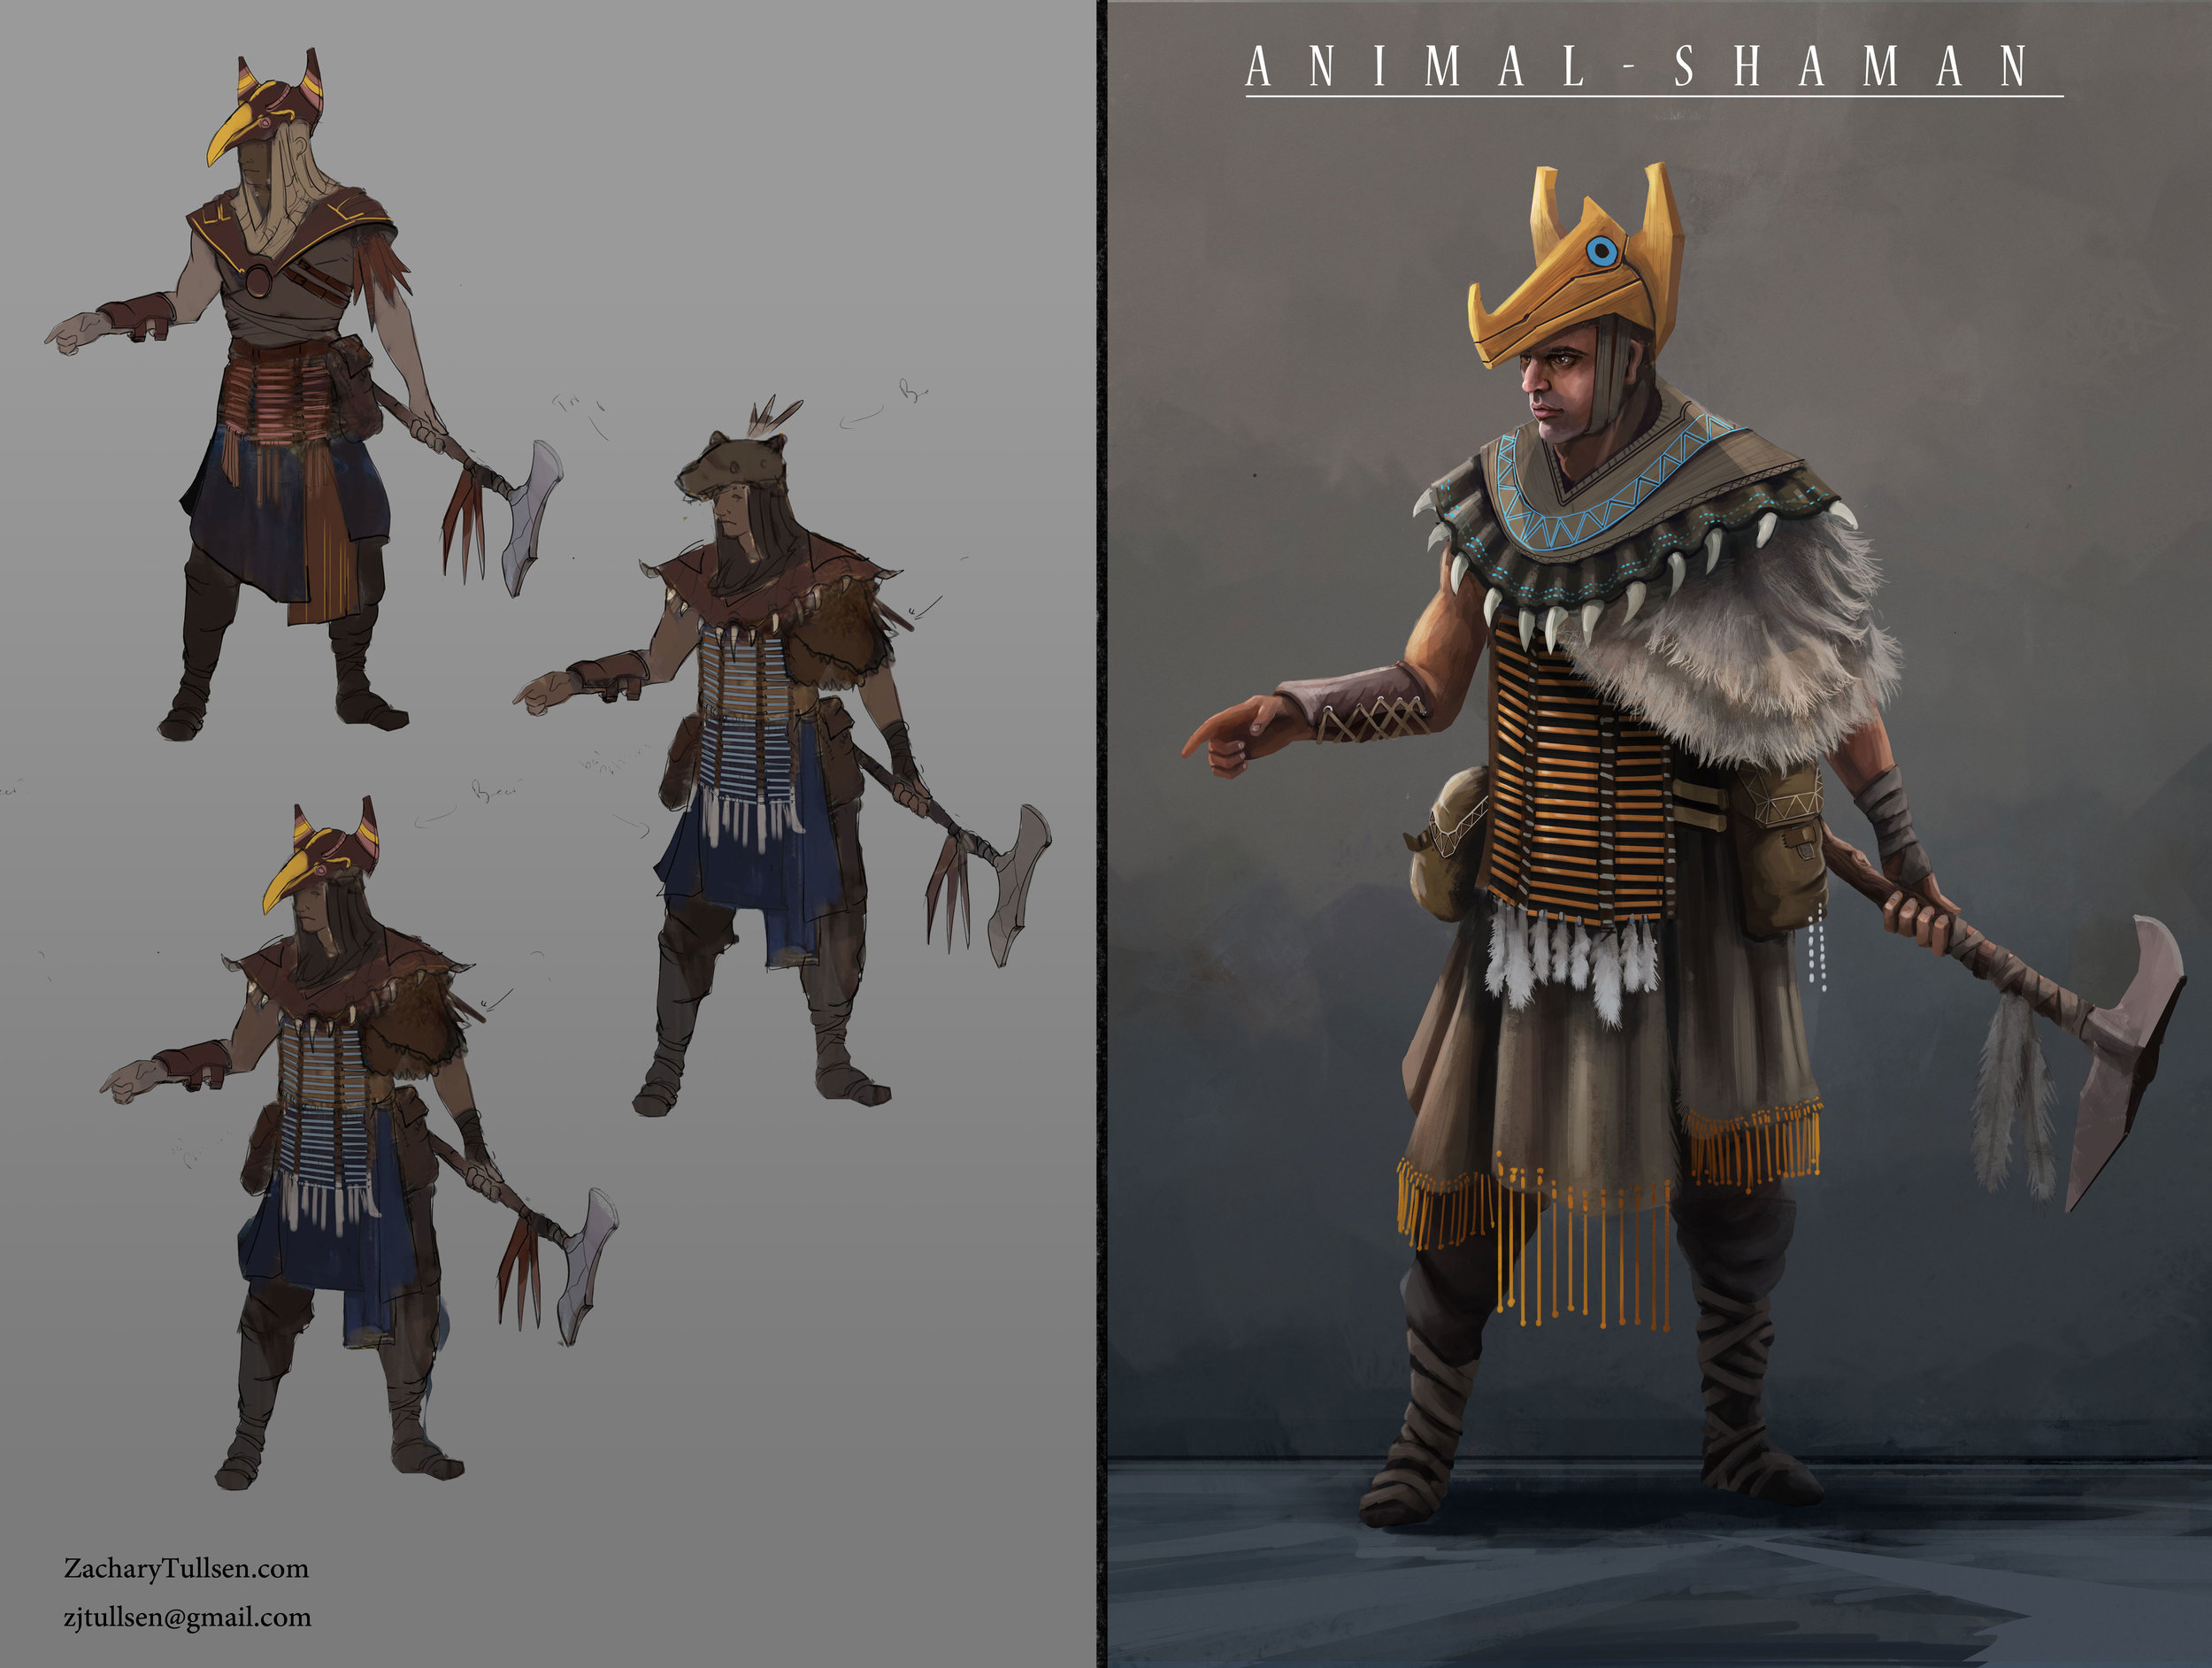 Animal-Shaman-Final.jpg